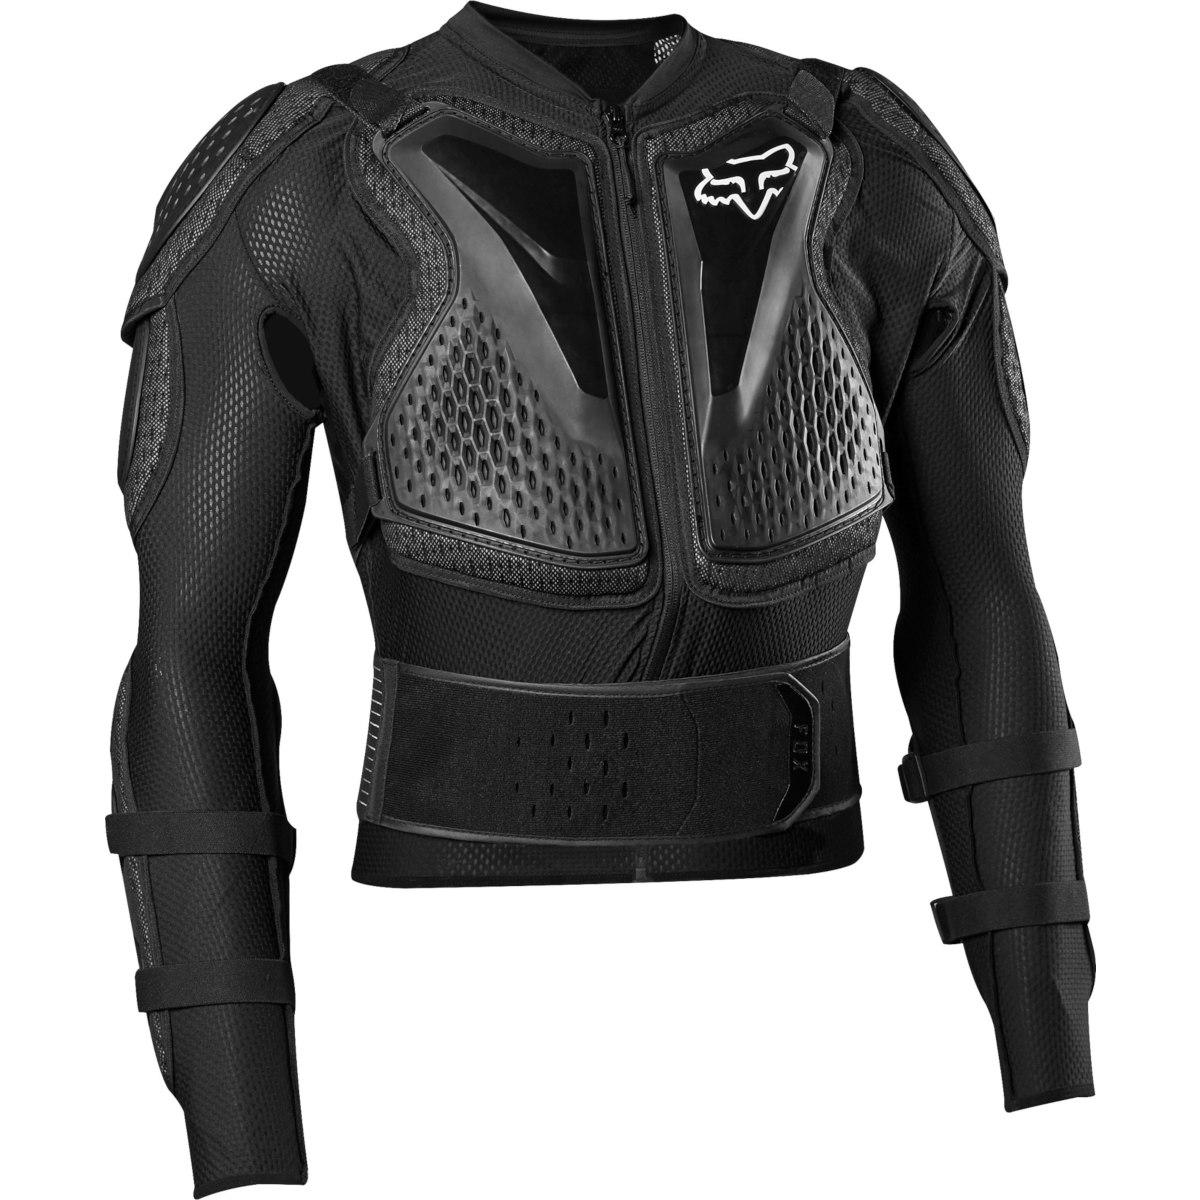 Produktbild von FOX Titan Sport Langarm Protektorenjacke - black